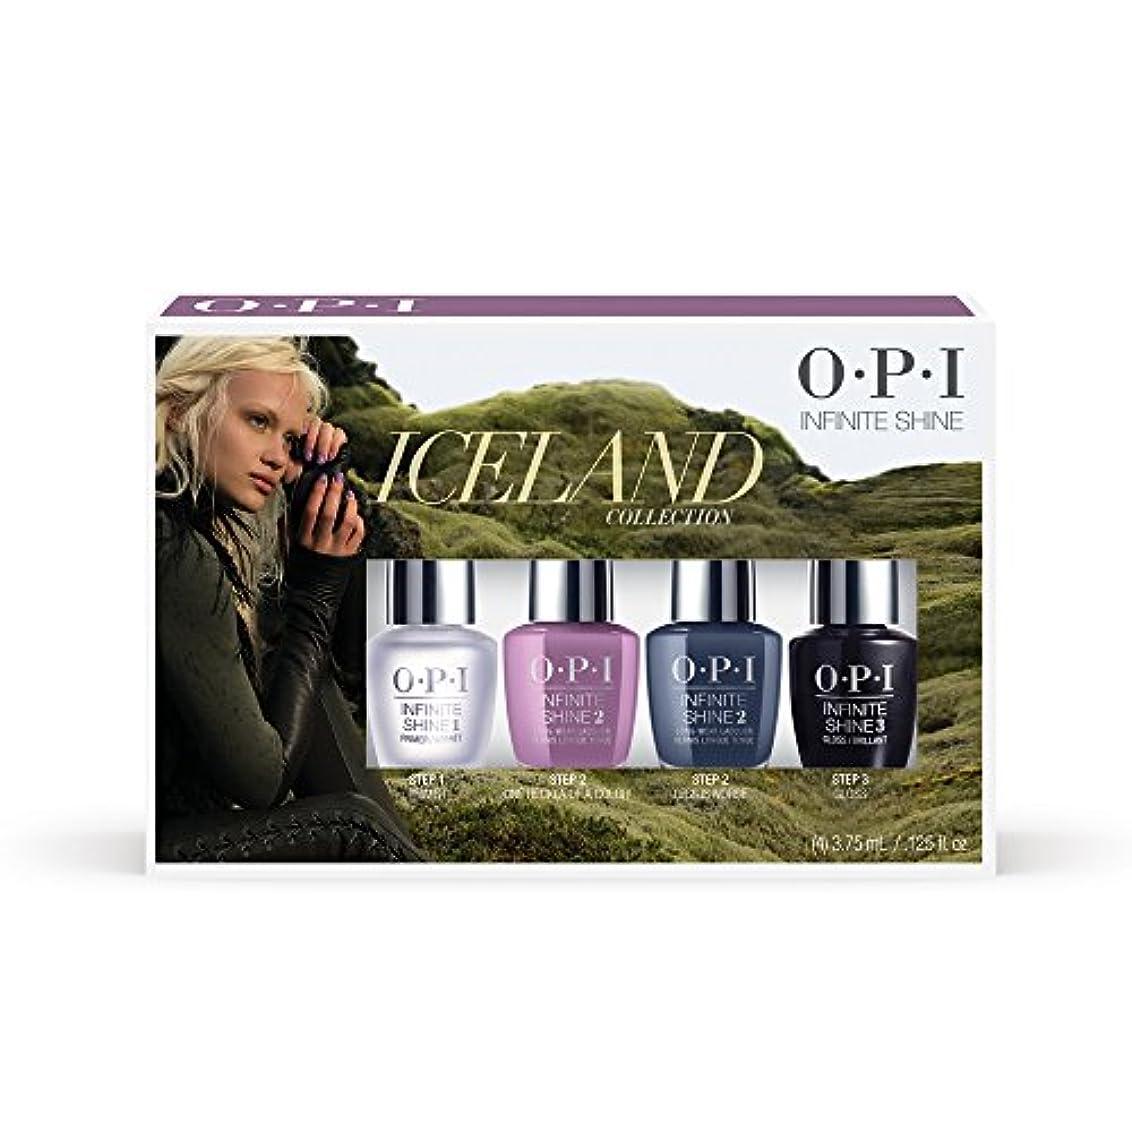 影響を受けやすいです一緒臭いOPI(オーピーアイ) アイスランド コレクション インフィニット シャイン ミニパック